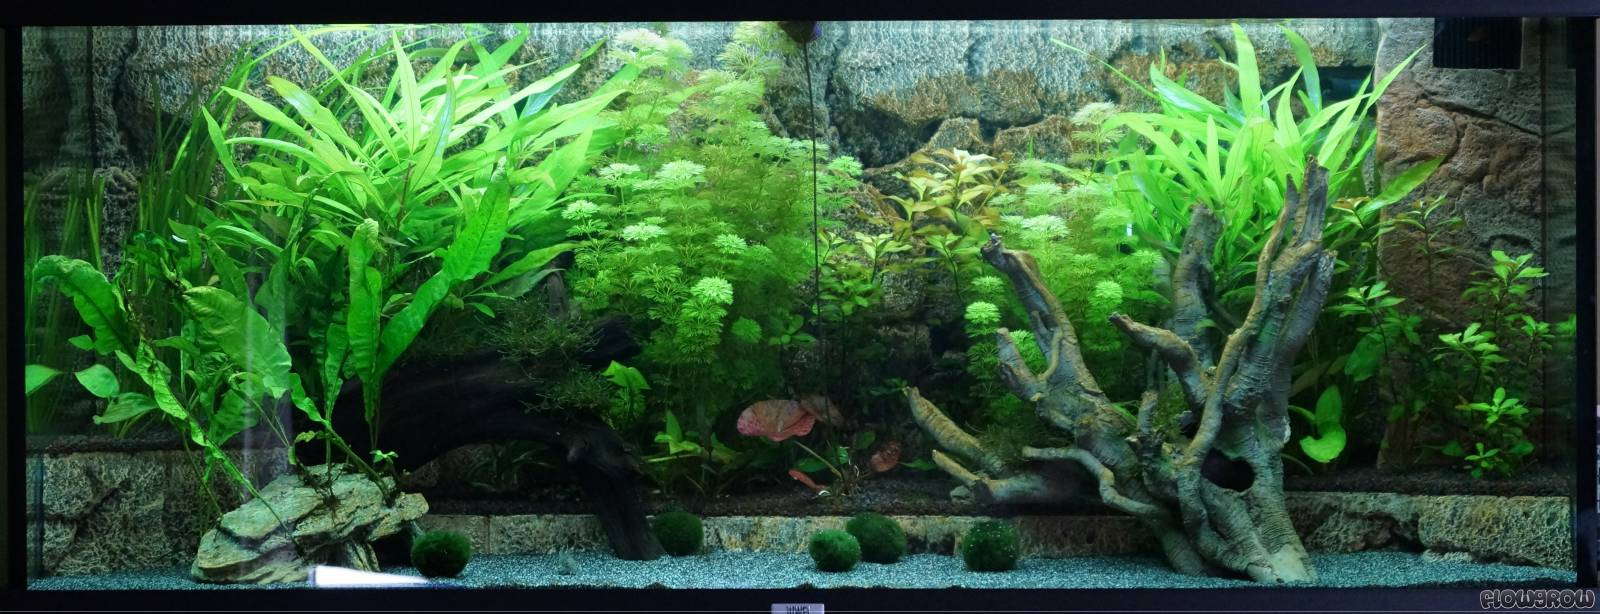 s damerika flowgrow aquascape aquarien datenbank. Black Bedroom Furniture Sets. Home Design Ideas